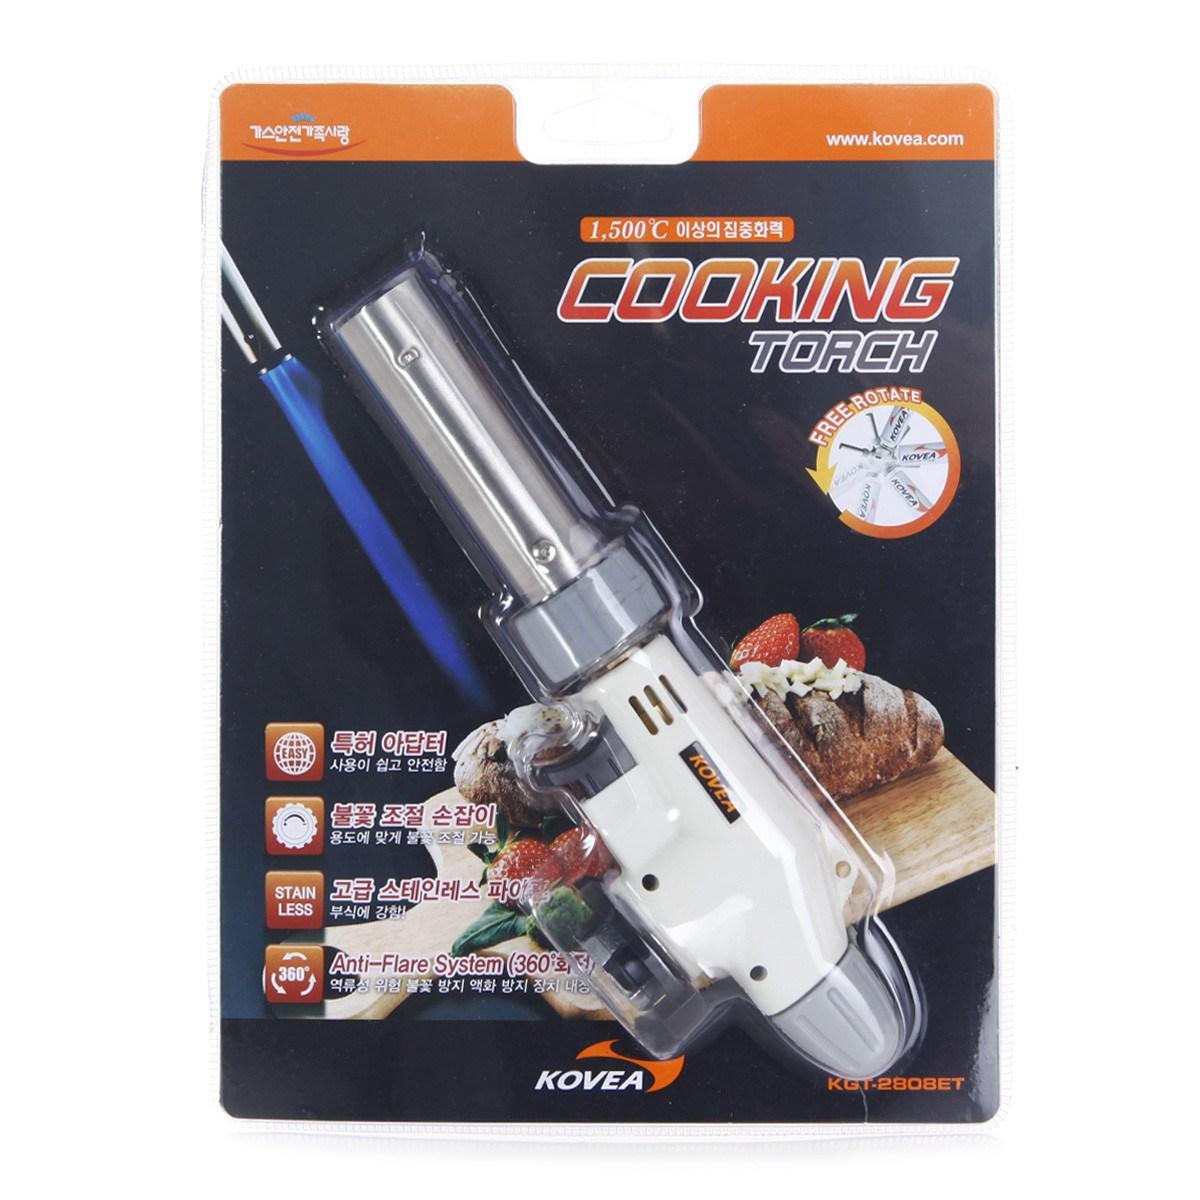 코베아 쿠킹 토치 KGT-2808ET 캠핑 및 요리용 가스 점화기, 혼합, 1개